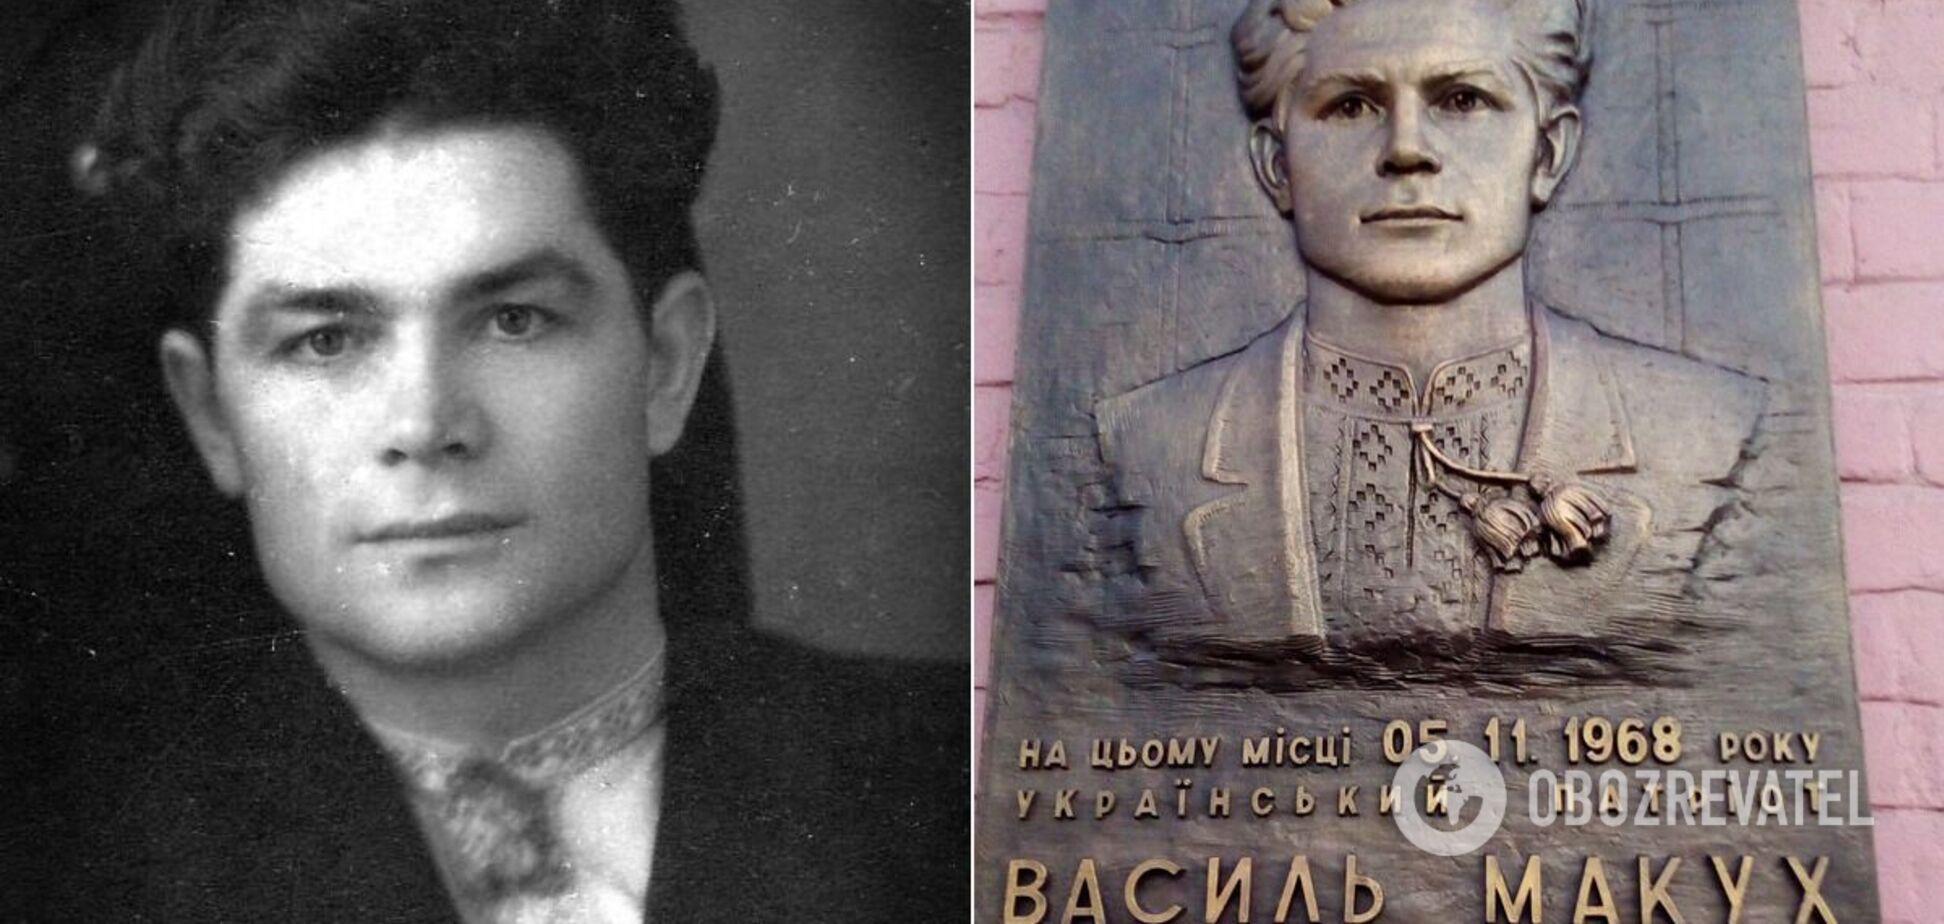 Василь Макух вчинив самоспалення на Хрещатику 52 роки тому